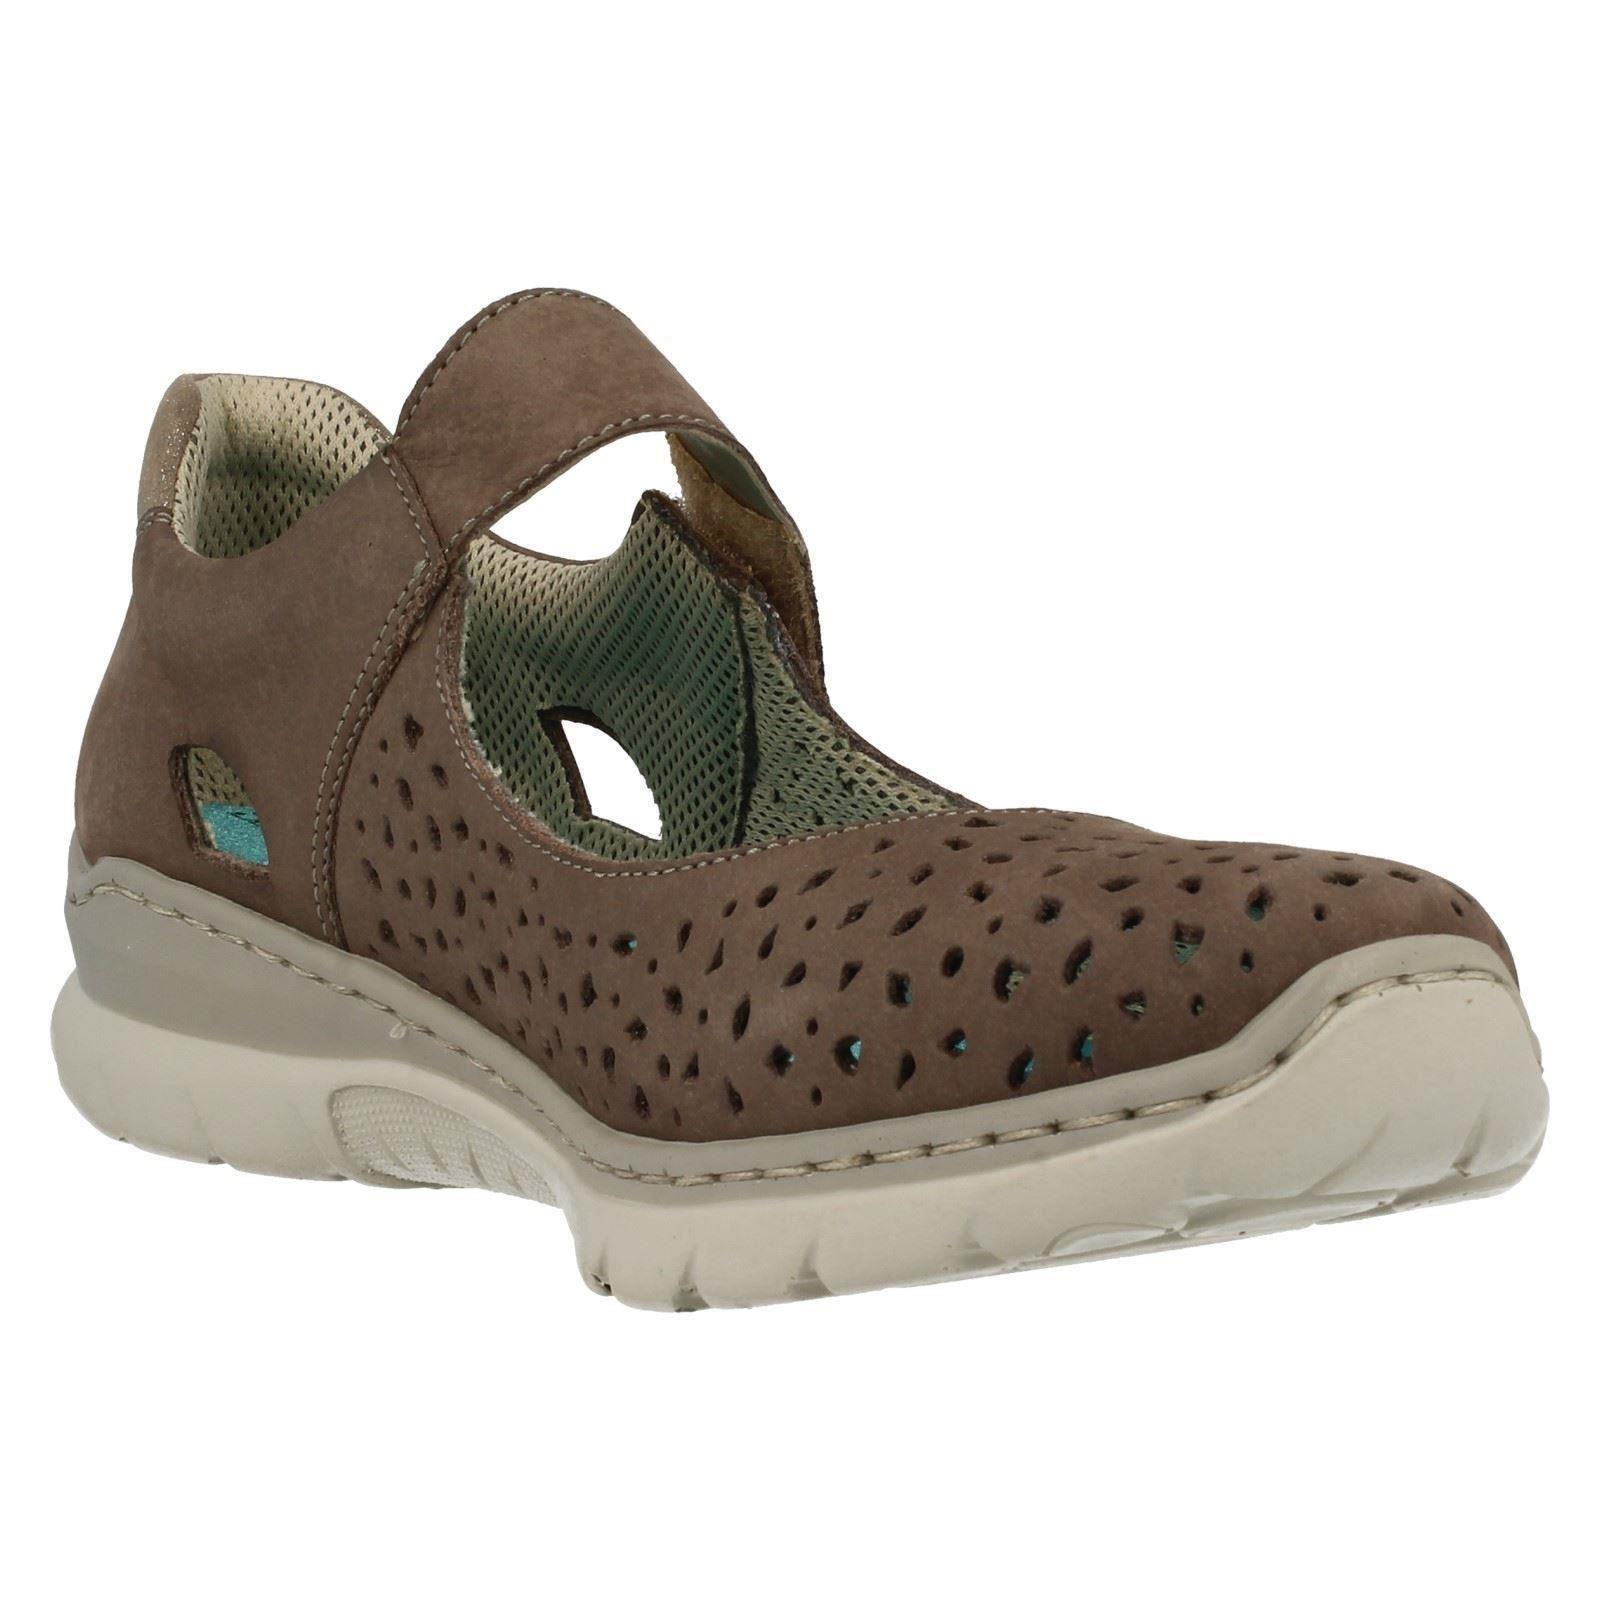 Damas Zapatos Rieker Casual Zapatos Damas Planos L3255 aedc1a